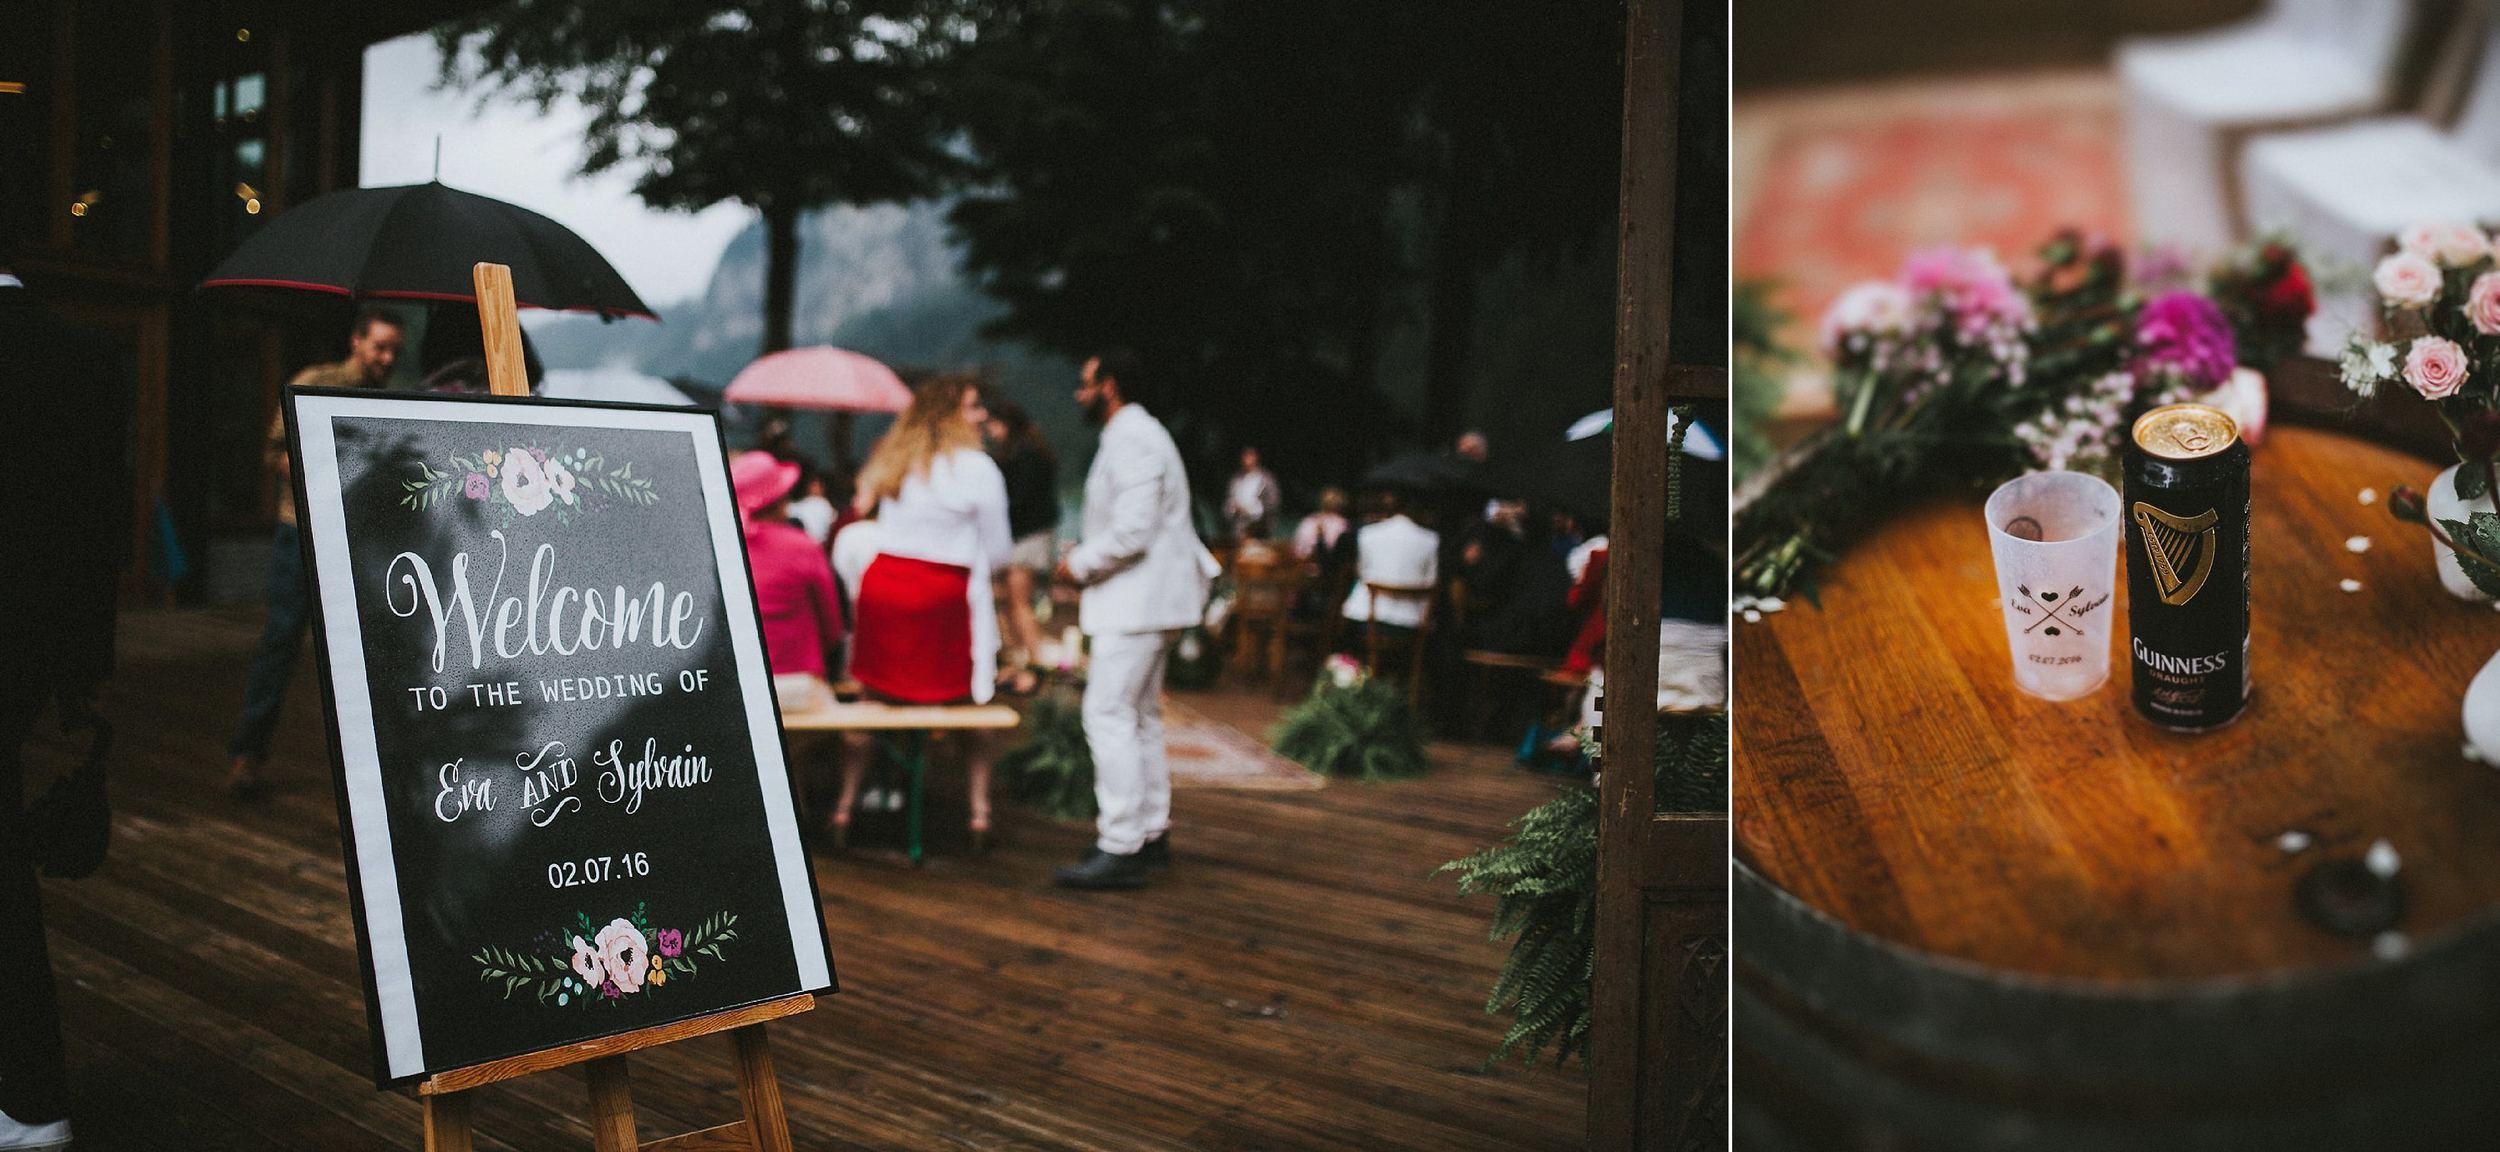 mariage-suisse-haute-savoie-domaine-baron-steven-bassillieaux-bordeaux-dordogne-wedding-photographe-22.jpg